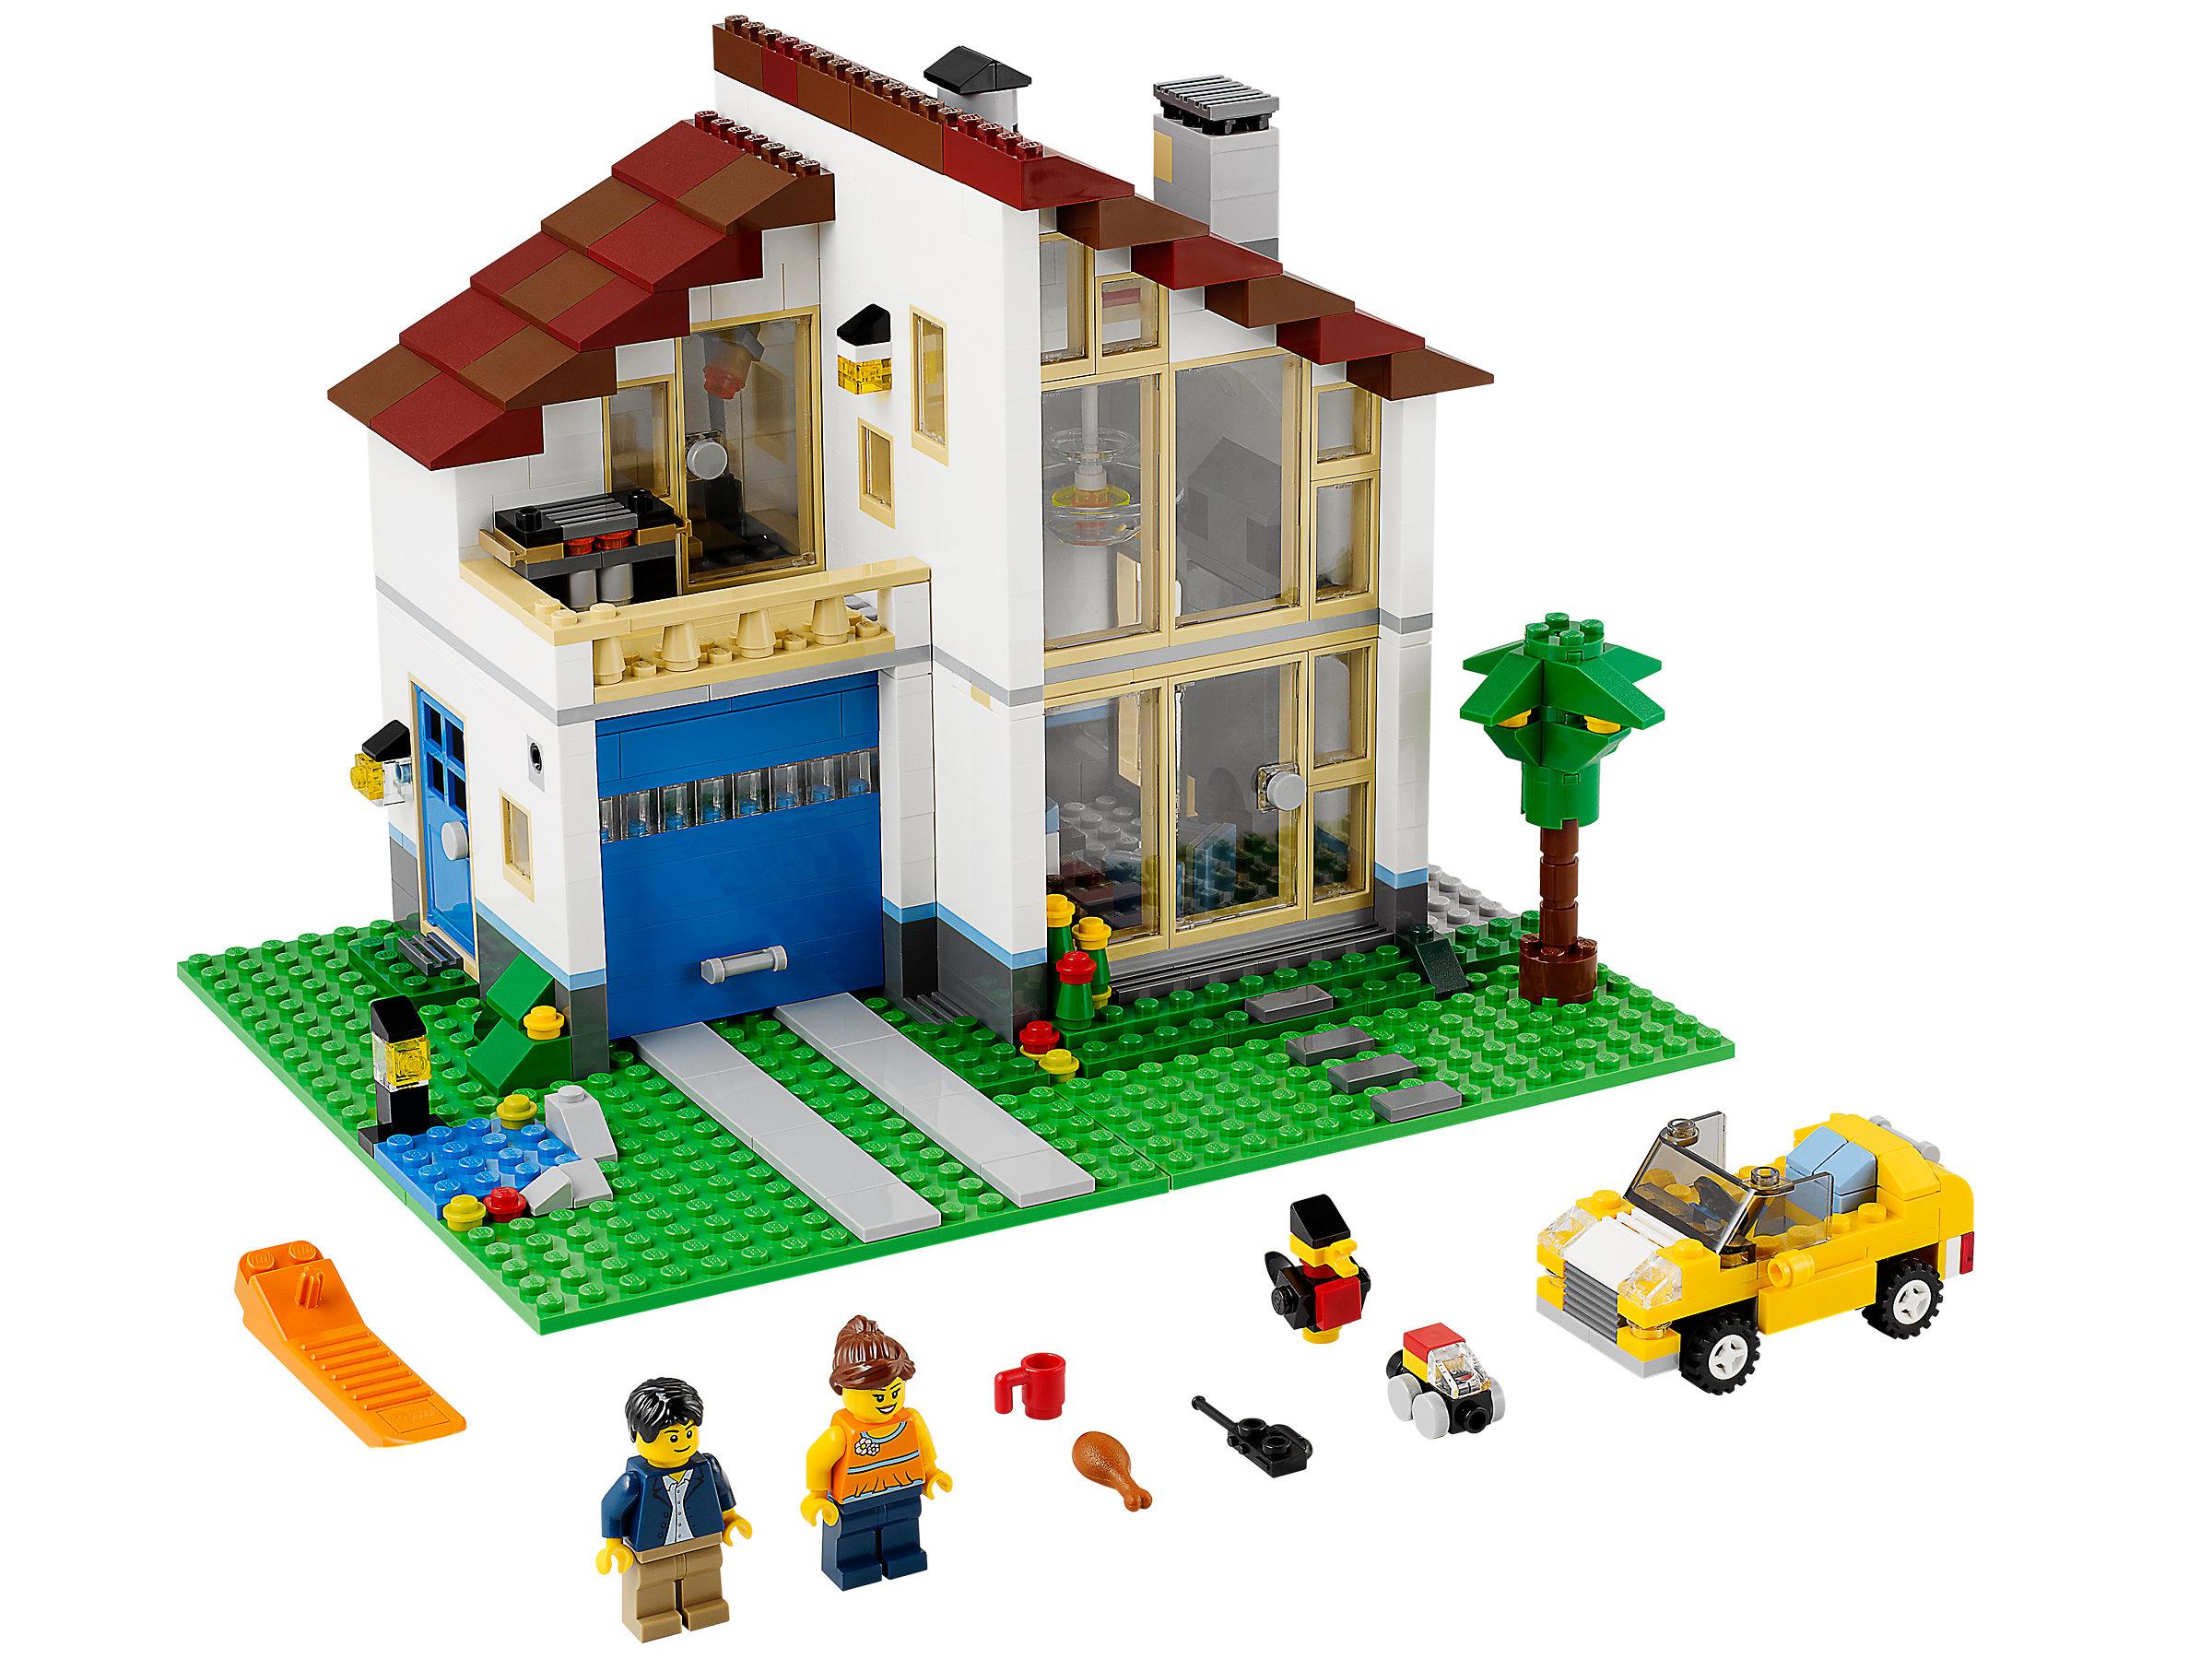 großes einfamilienhaus 31012-1